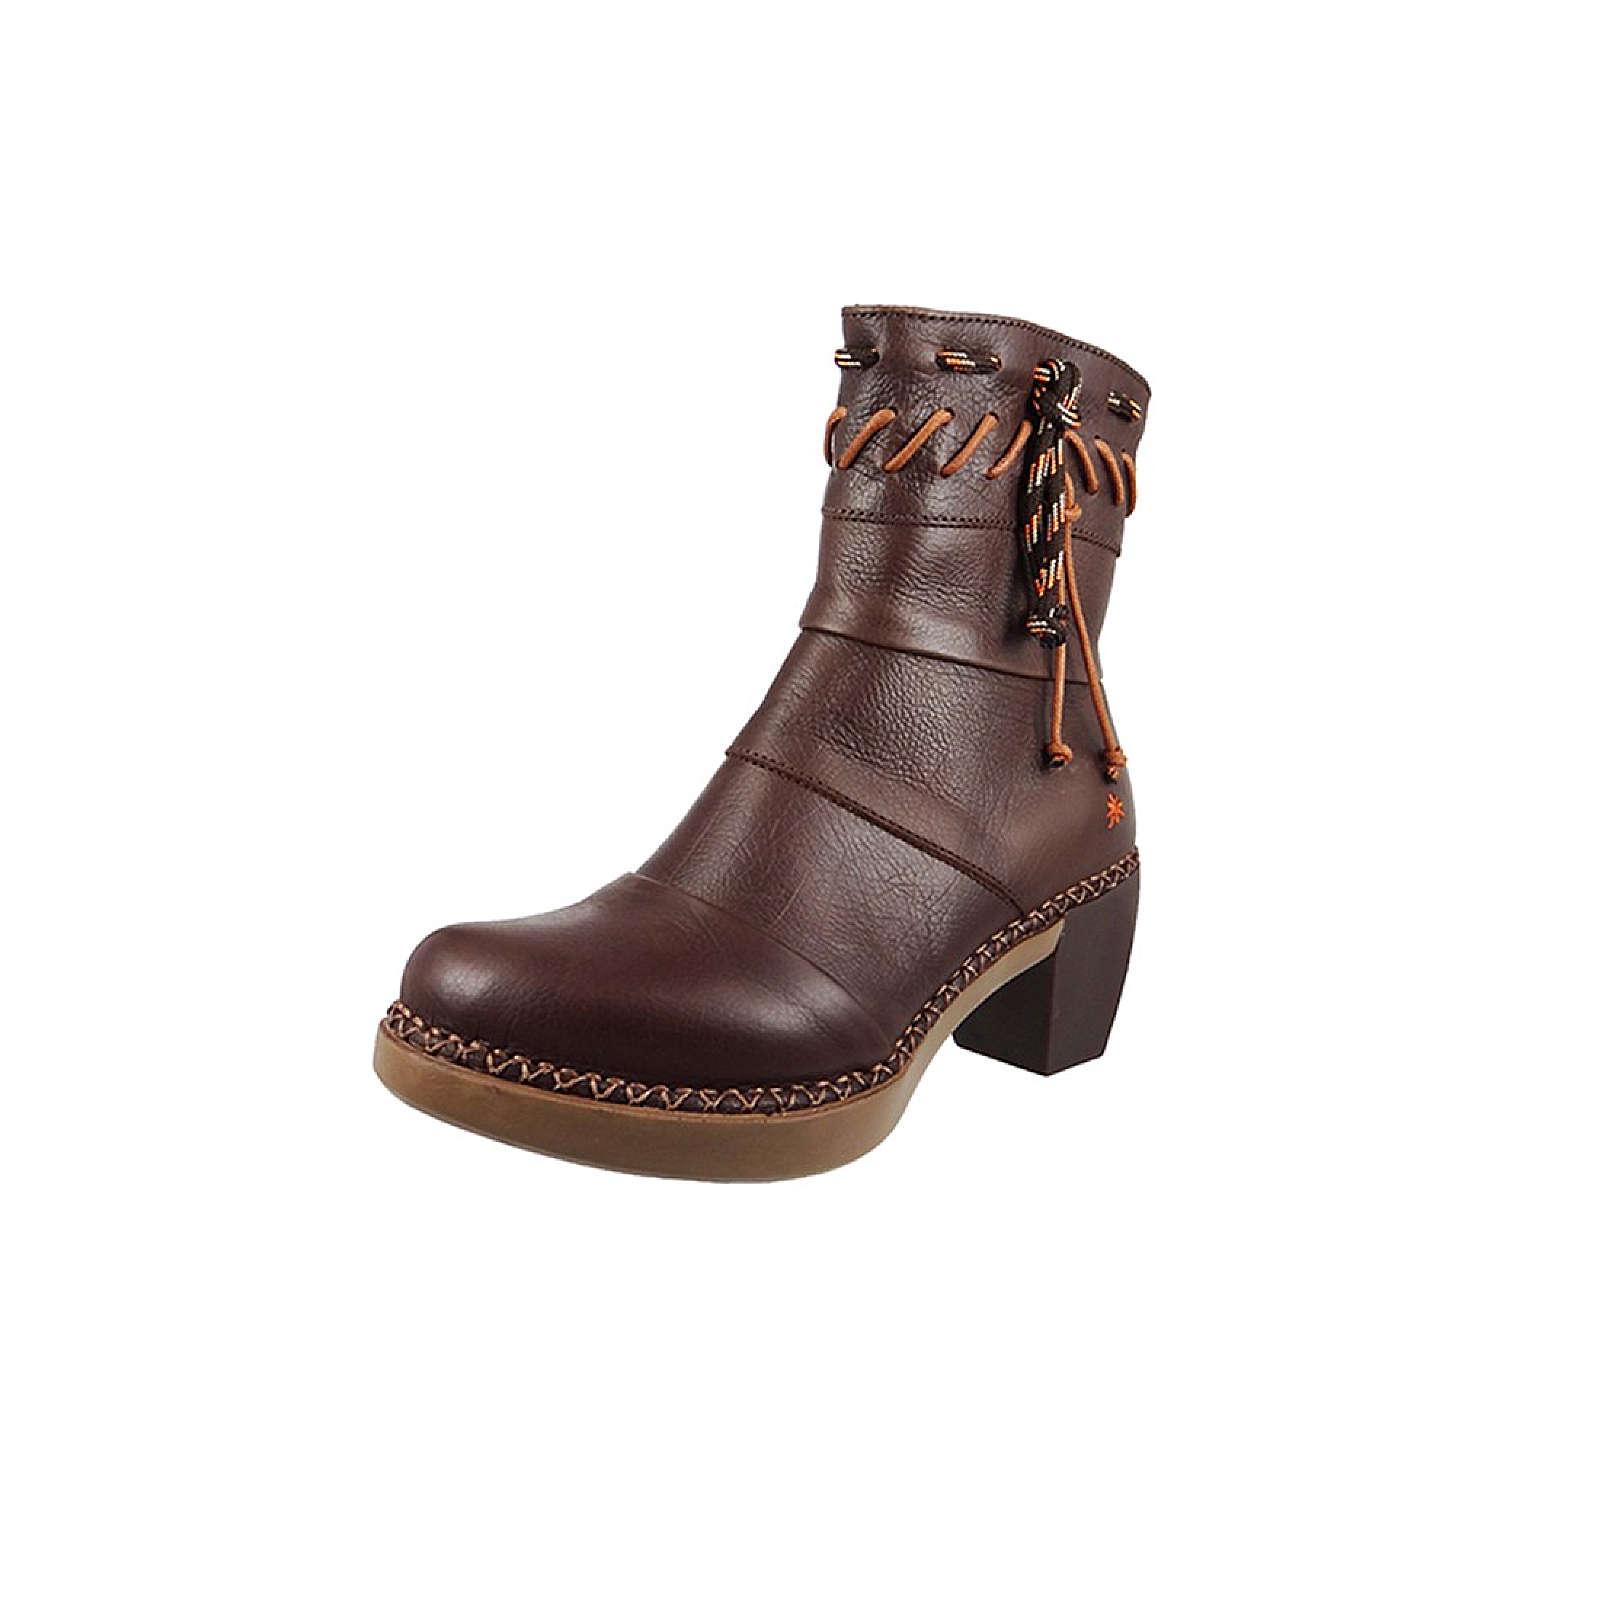 *art Leder Stiefelette Ankle Boot Madrid Brown Braun 1153 Klassische Stiefeletten braun Damen Gr. 39